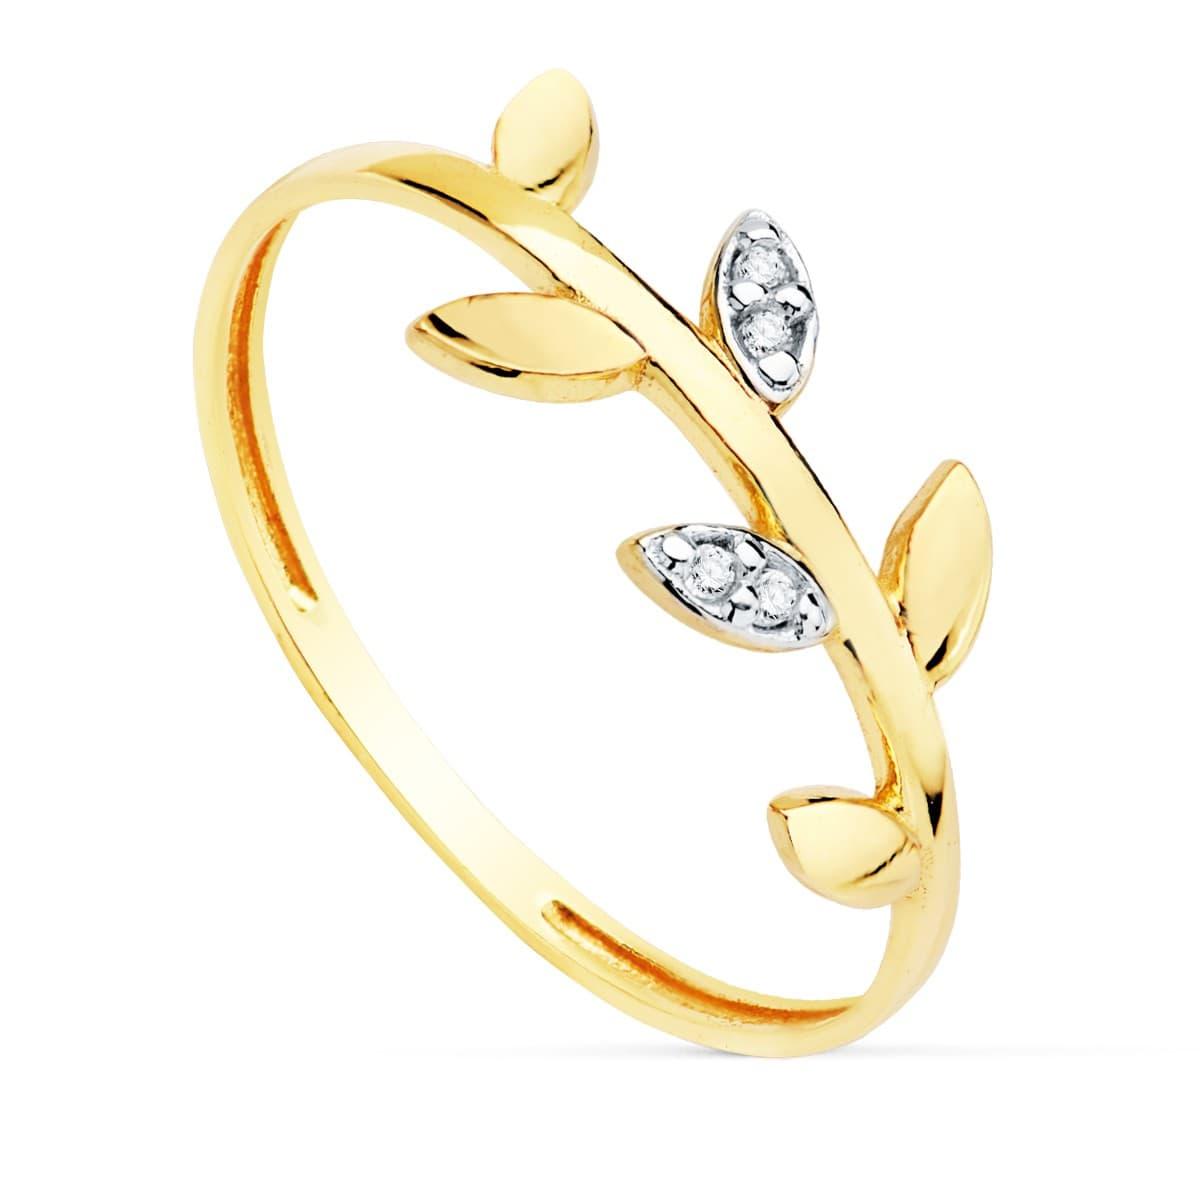 35f1d3a45a52 Anillo mujer Oro Bicolor 18K Branch Sortija rama hojas moda gemas piedras  estilo minimal casual ...